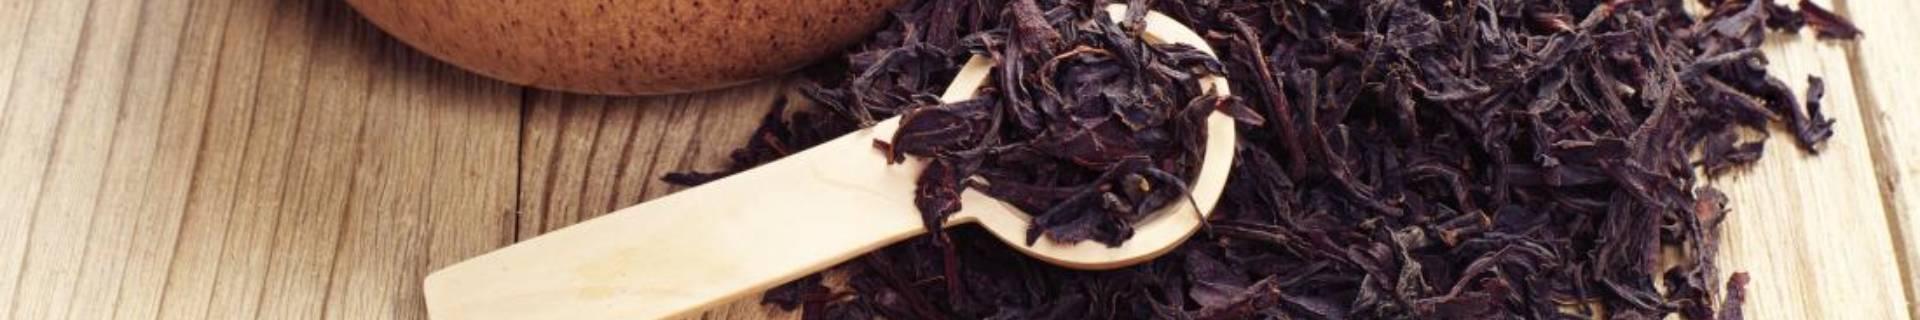 Organic & Fairtrade Black Tea - ECOLECTIA